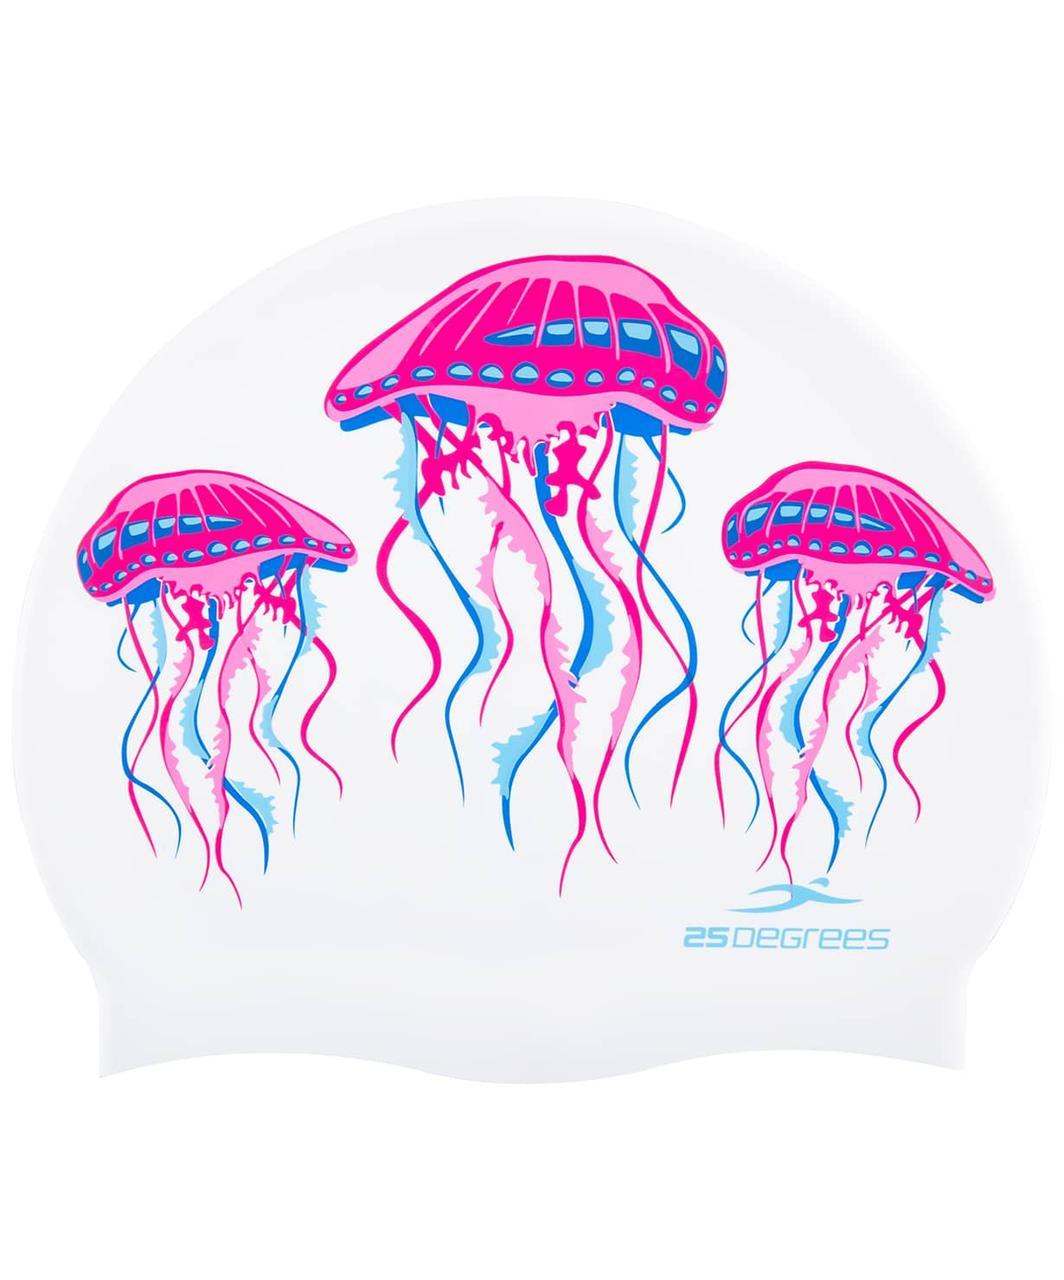 Шапочка для плавания Meduza, силикон, подростковая 25Degrees